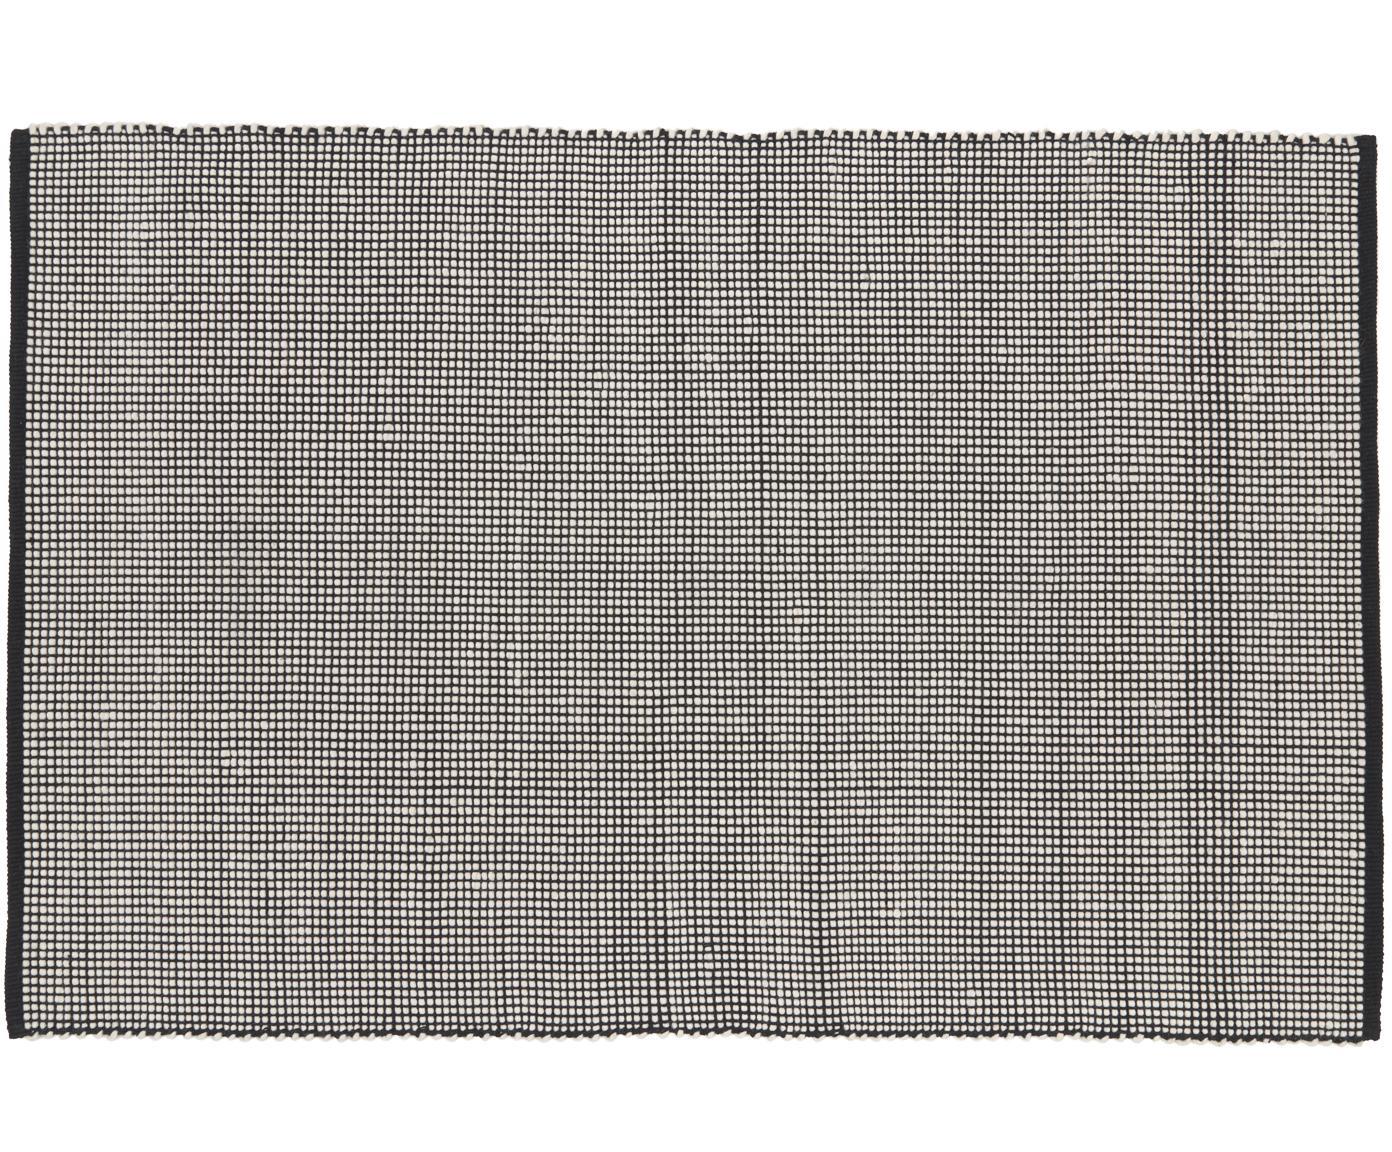 Handgewebter Wollteppich Amaro in Schwarz/Creme, 38% Wolle, 22% Polyester, 20% Baumwolle, 20% Polyamid, Schwarz, Cremeweiß, B 120 x L 180 cm (Größe S)